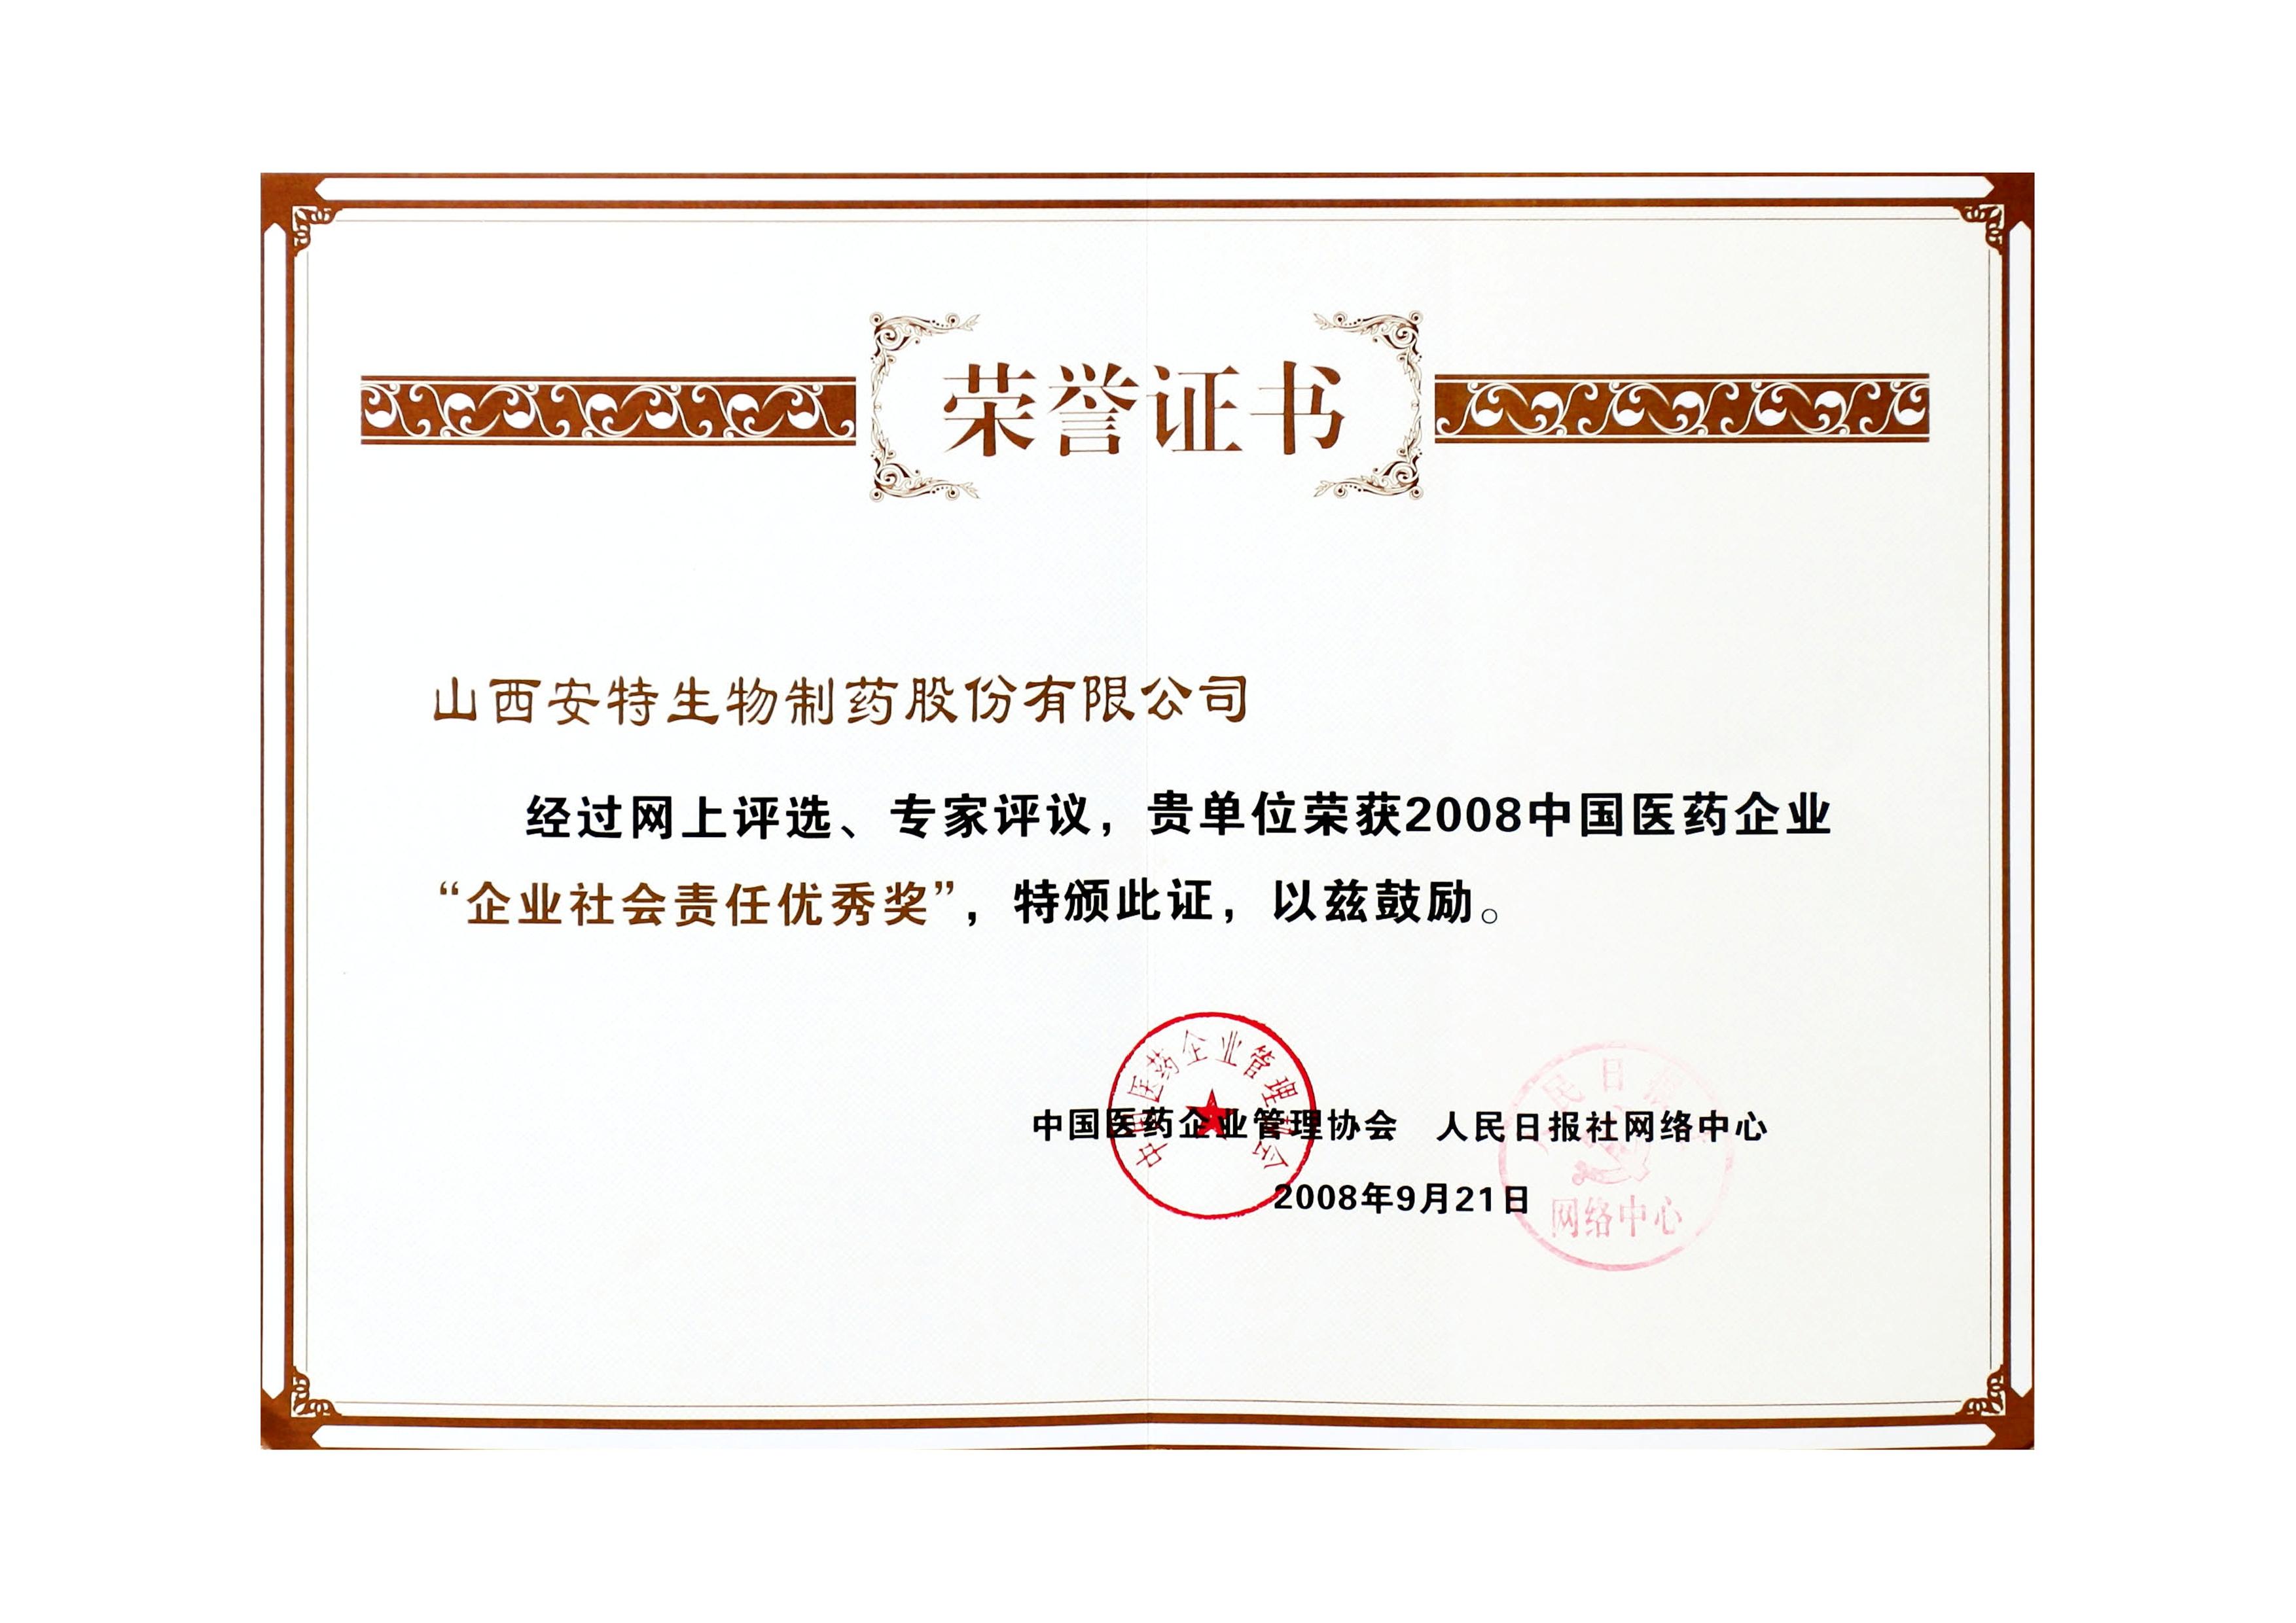 企业社会责任优秀奖